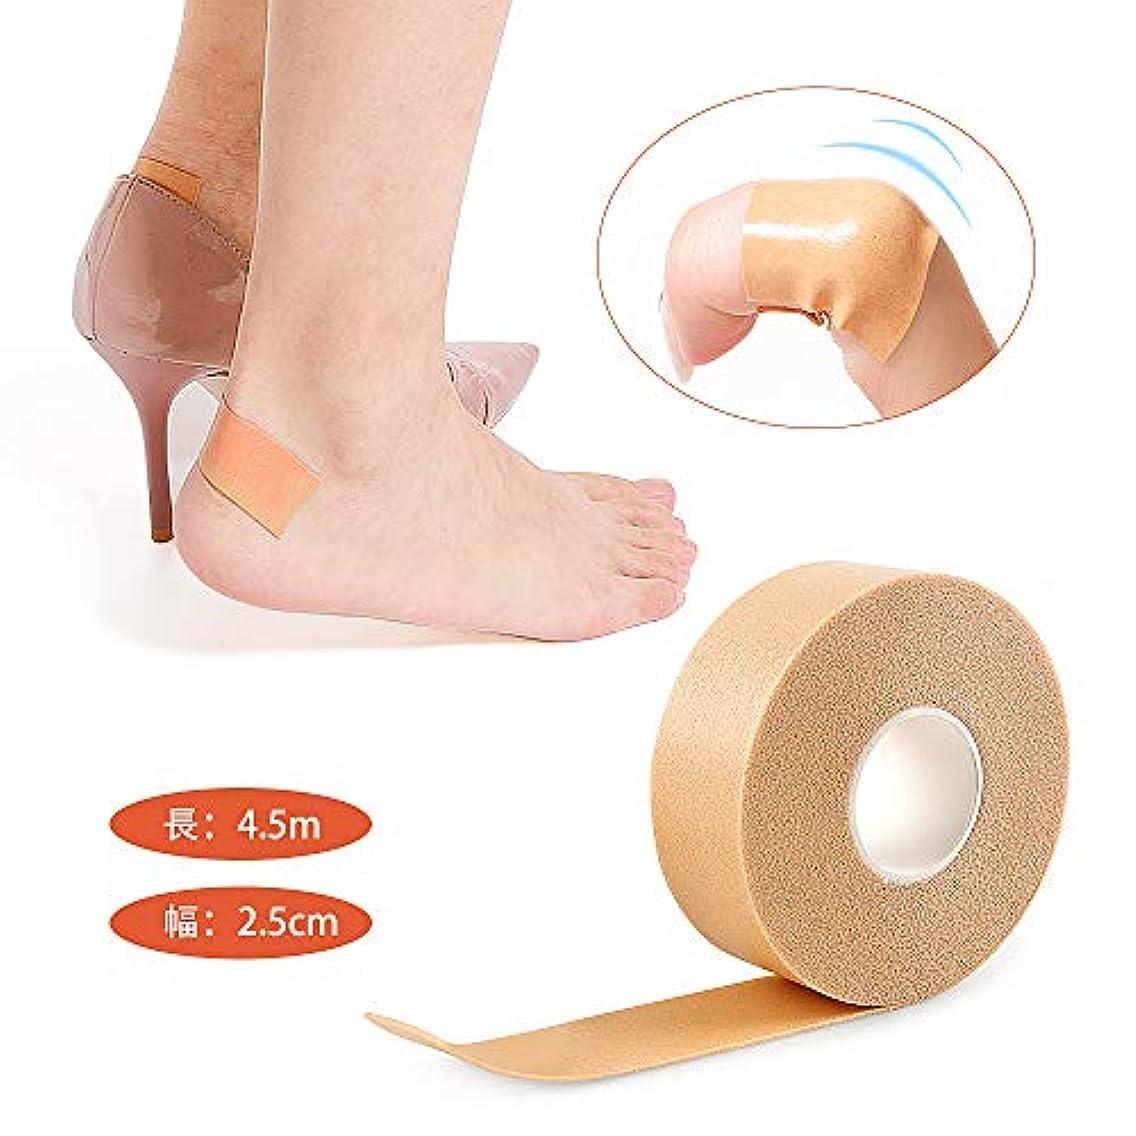 ショットフットボール司法Azue 靴擦れ防止パッド かかとパッド 靴ずれ予防テープ テープ 防水素材 粘着 幅2.5cm×長4.5m 保護テープ 足用保護パッド 男女兼用